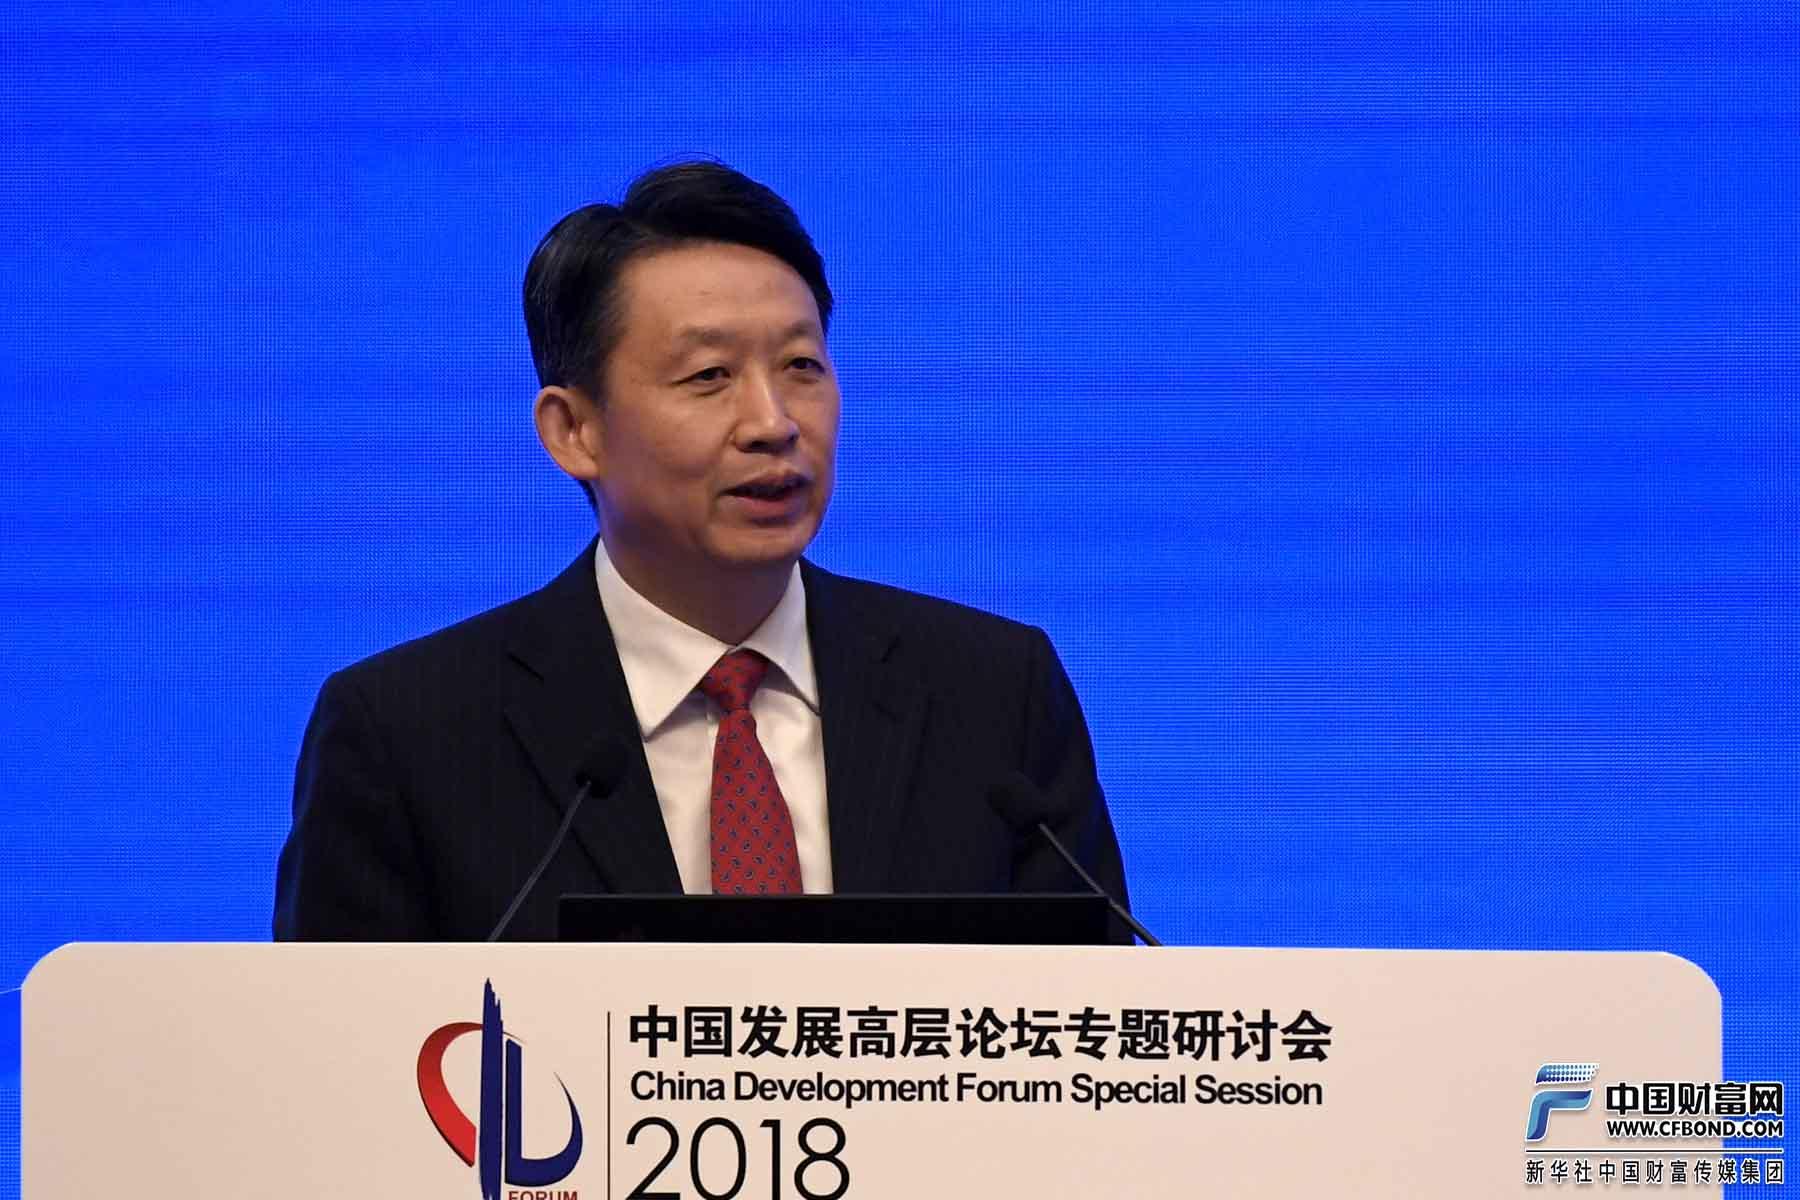 中国维护全球贸易不会另起炉灶 美国重振制造业面临难题